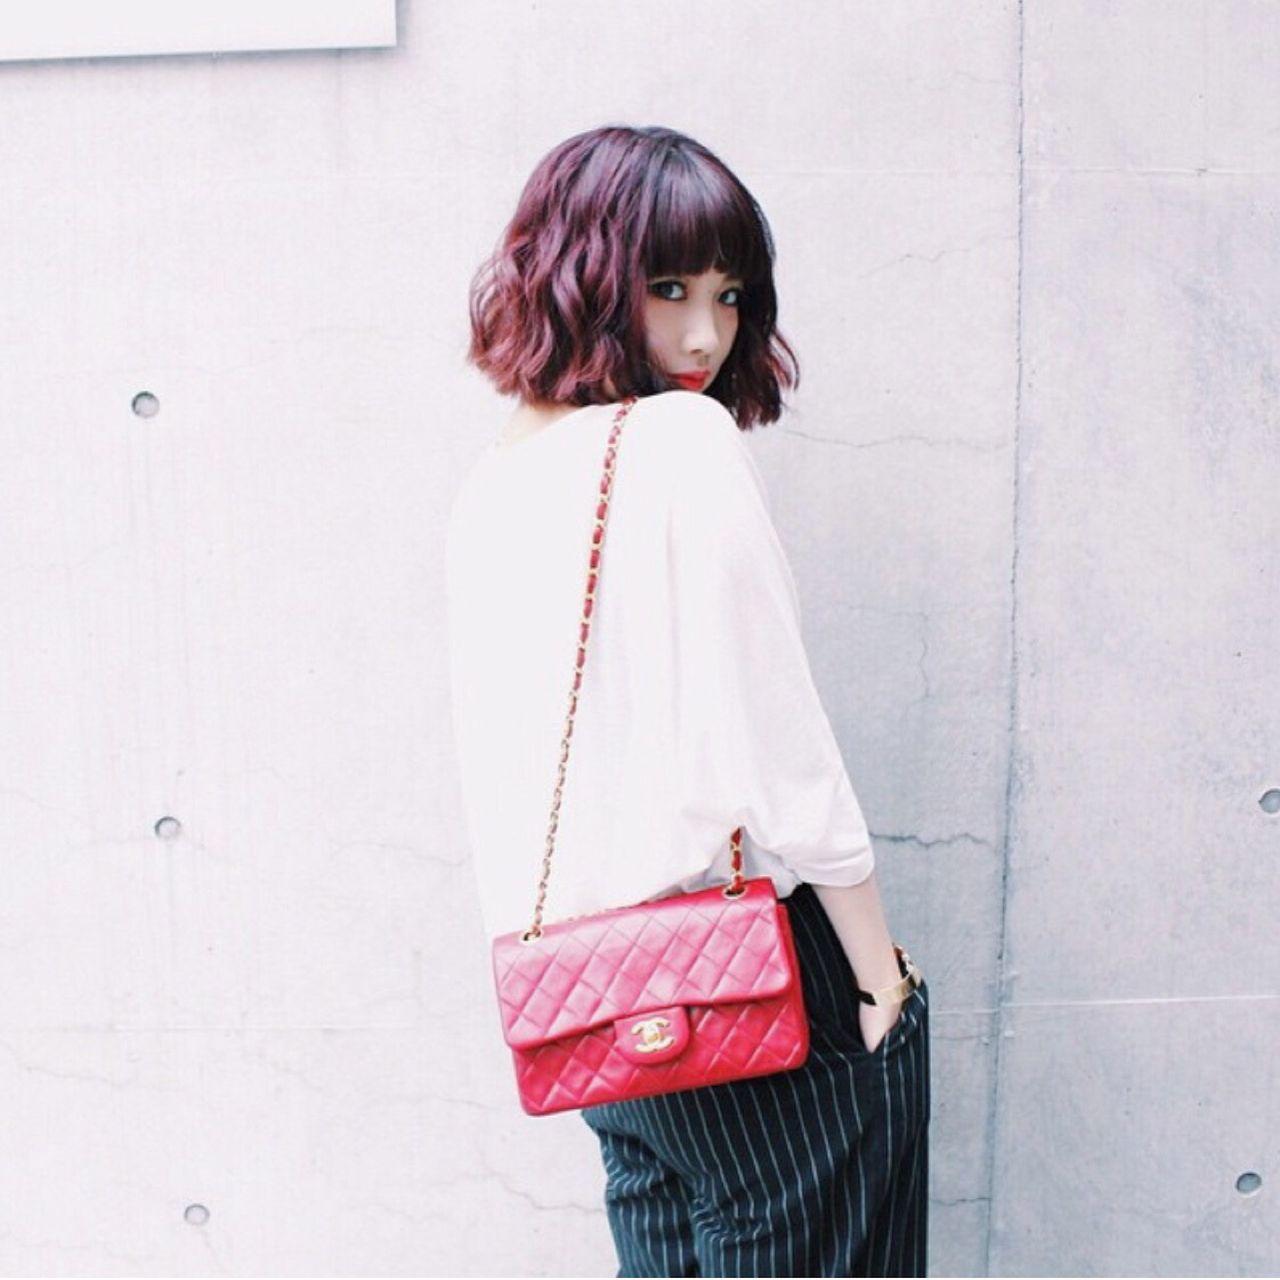 ストリート ボブ ウェットヘア ヘアスタイルや髪型の写真・画像 | Nobu / ALBUM